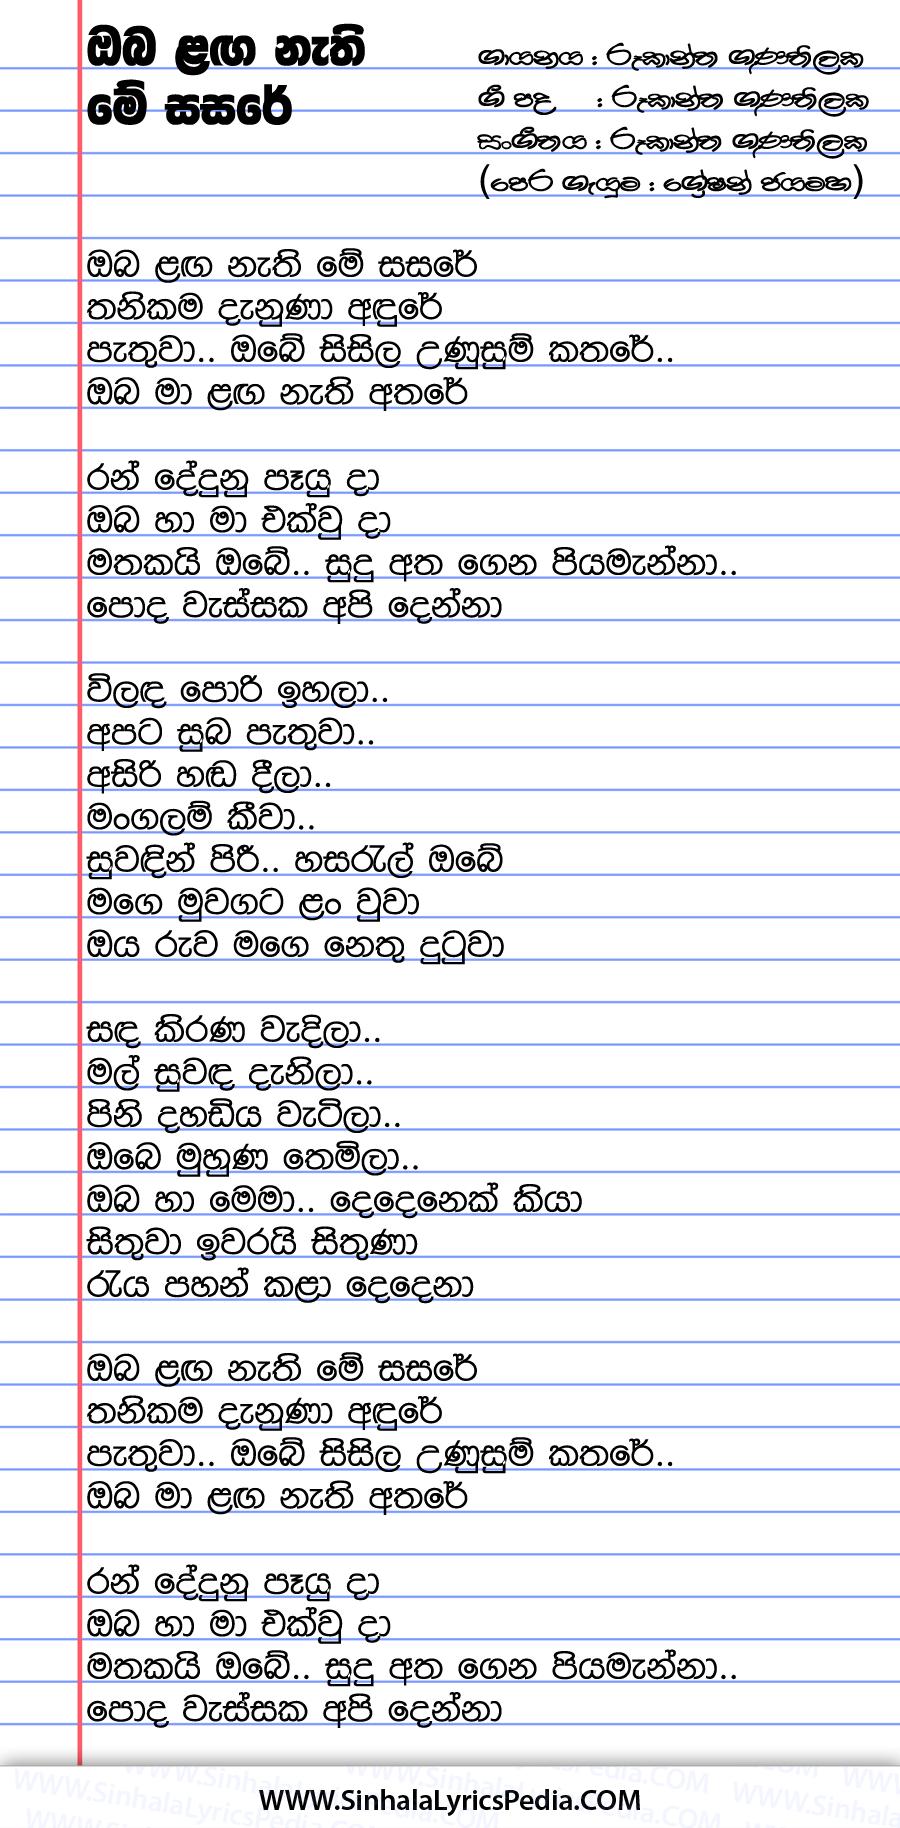 Oba Langa Nathi Me Sasare Song Lyrics